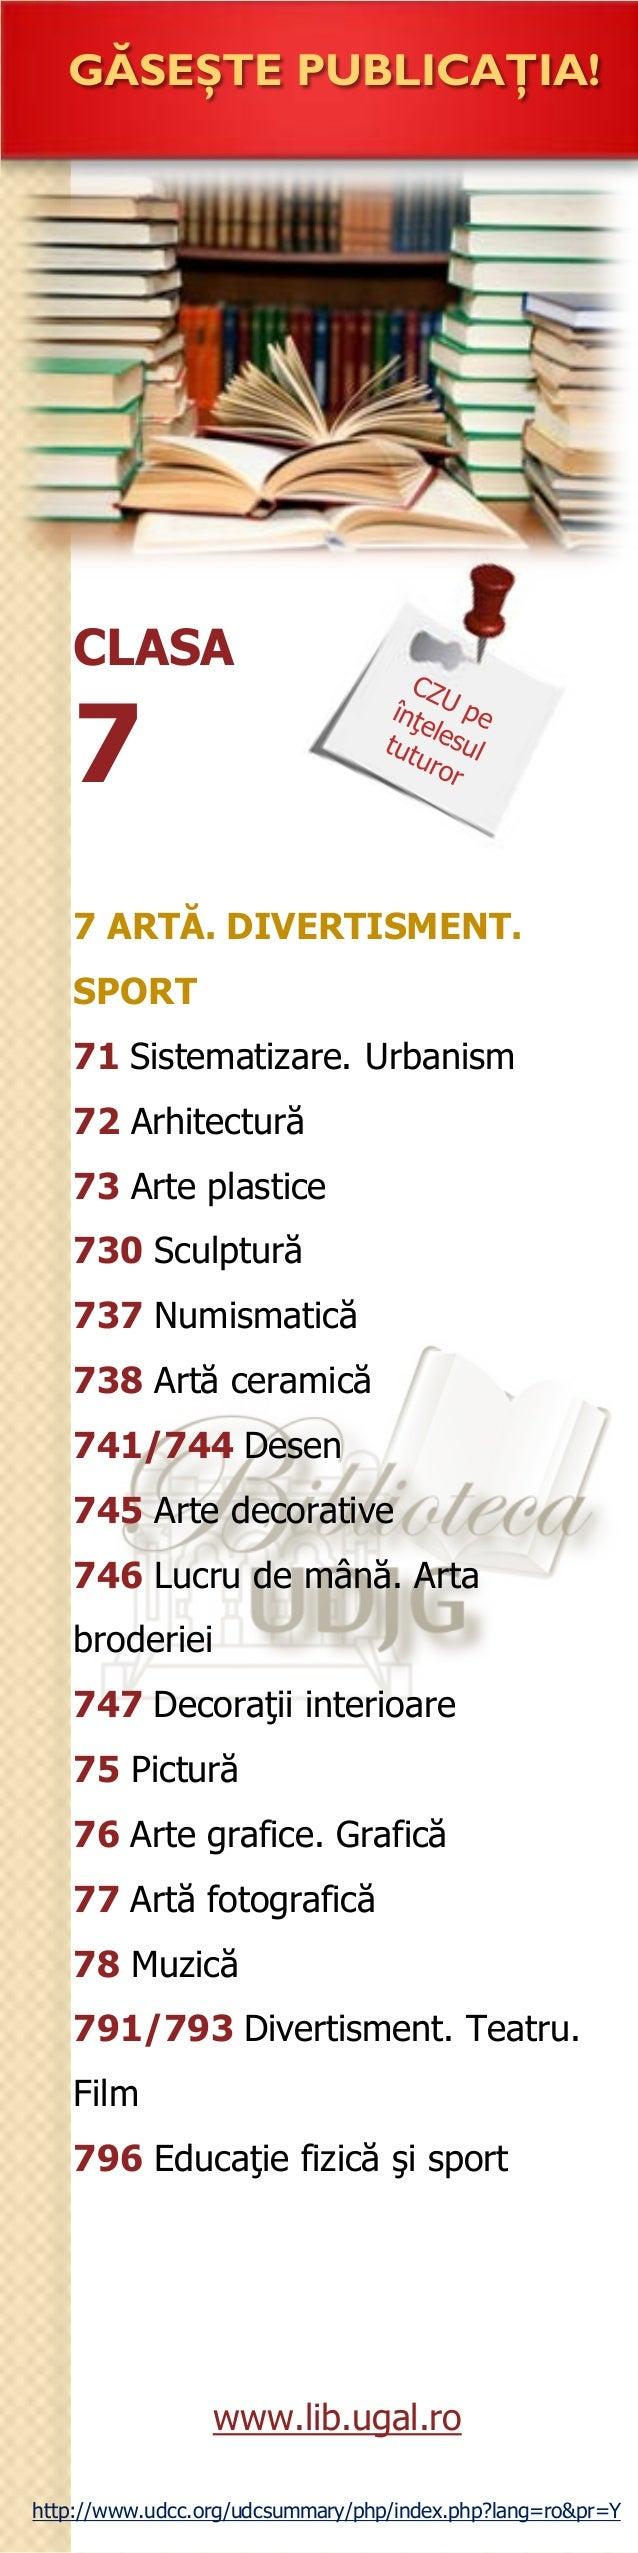 CLASA 7 GĂSEŞTE PUBLICAŢIA! 7 ARTĂ. DIVERTISMENT. SPORT 71 Sistematizare. Urbanism 72 Arhitectură 73 Arte plastice 730 Scu...